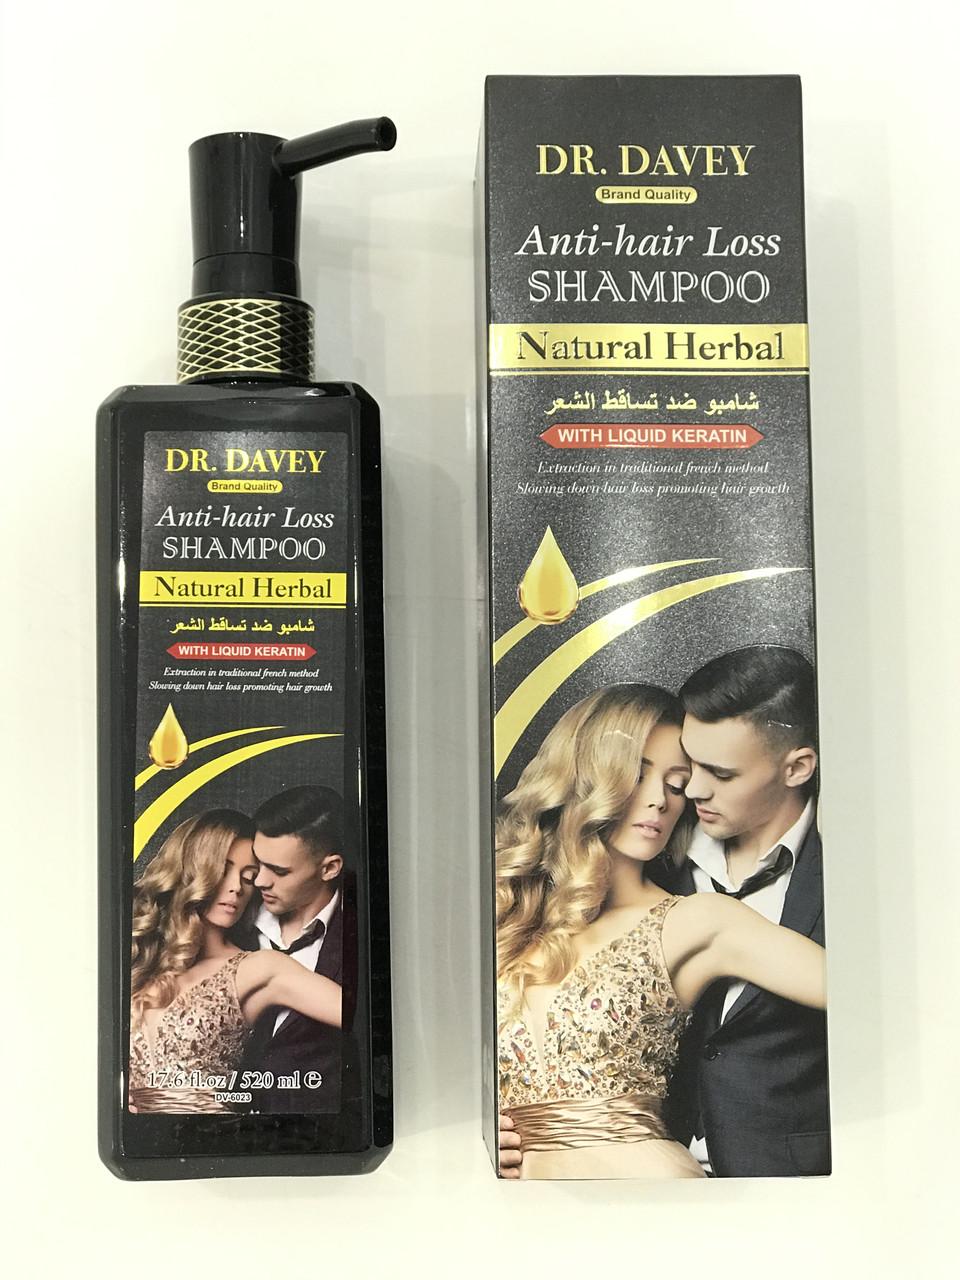 ШАМПУНЬ для профілактики випадіння волосся DR. DAVEY 520 мл